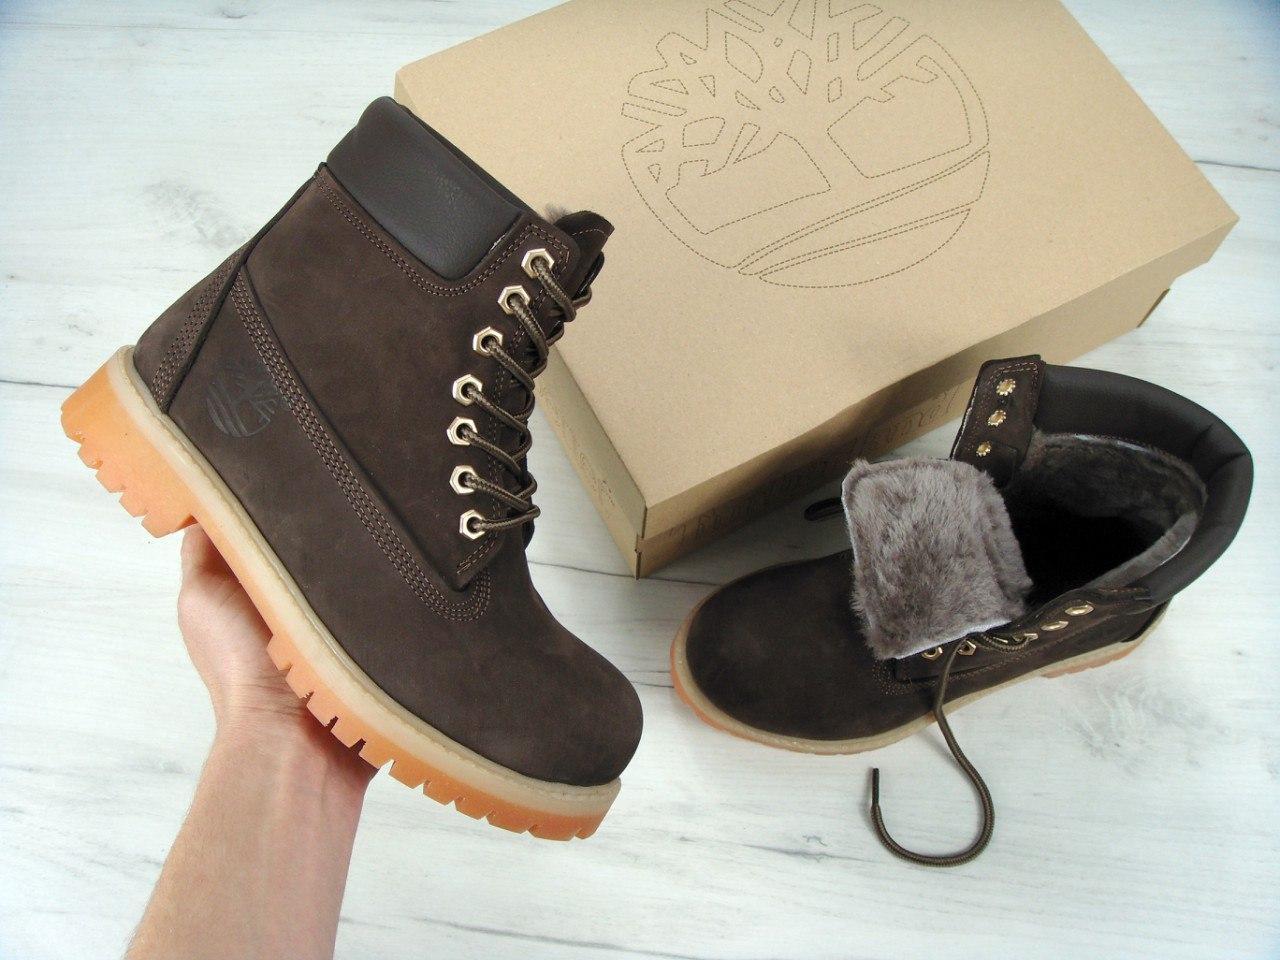 Зимние ботинки Timberland Brown Nubuck, мужские ботинки с натуральным мехом b5545270bc8